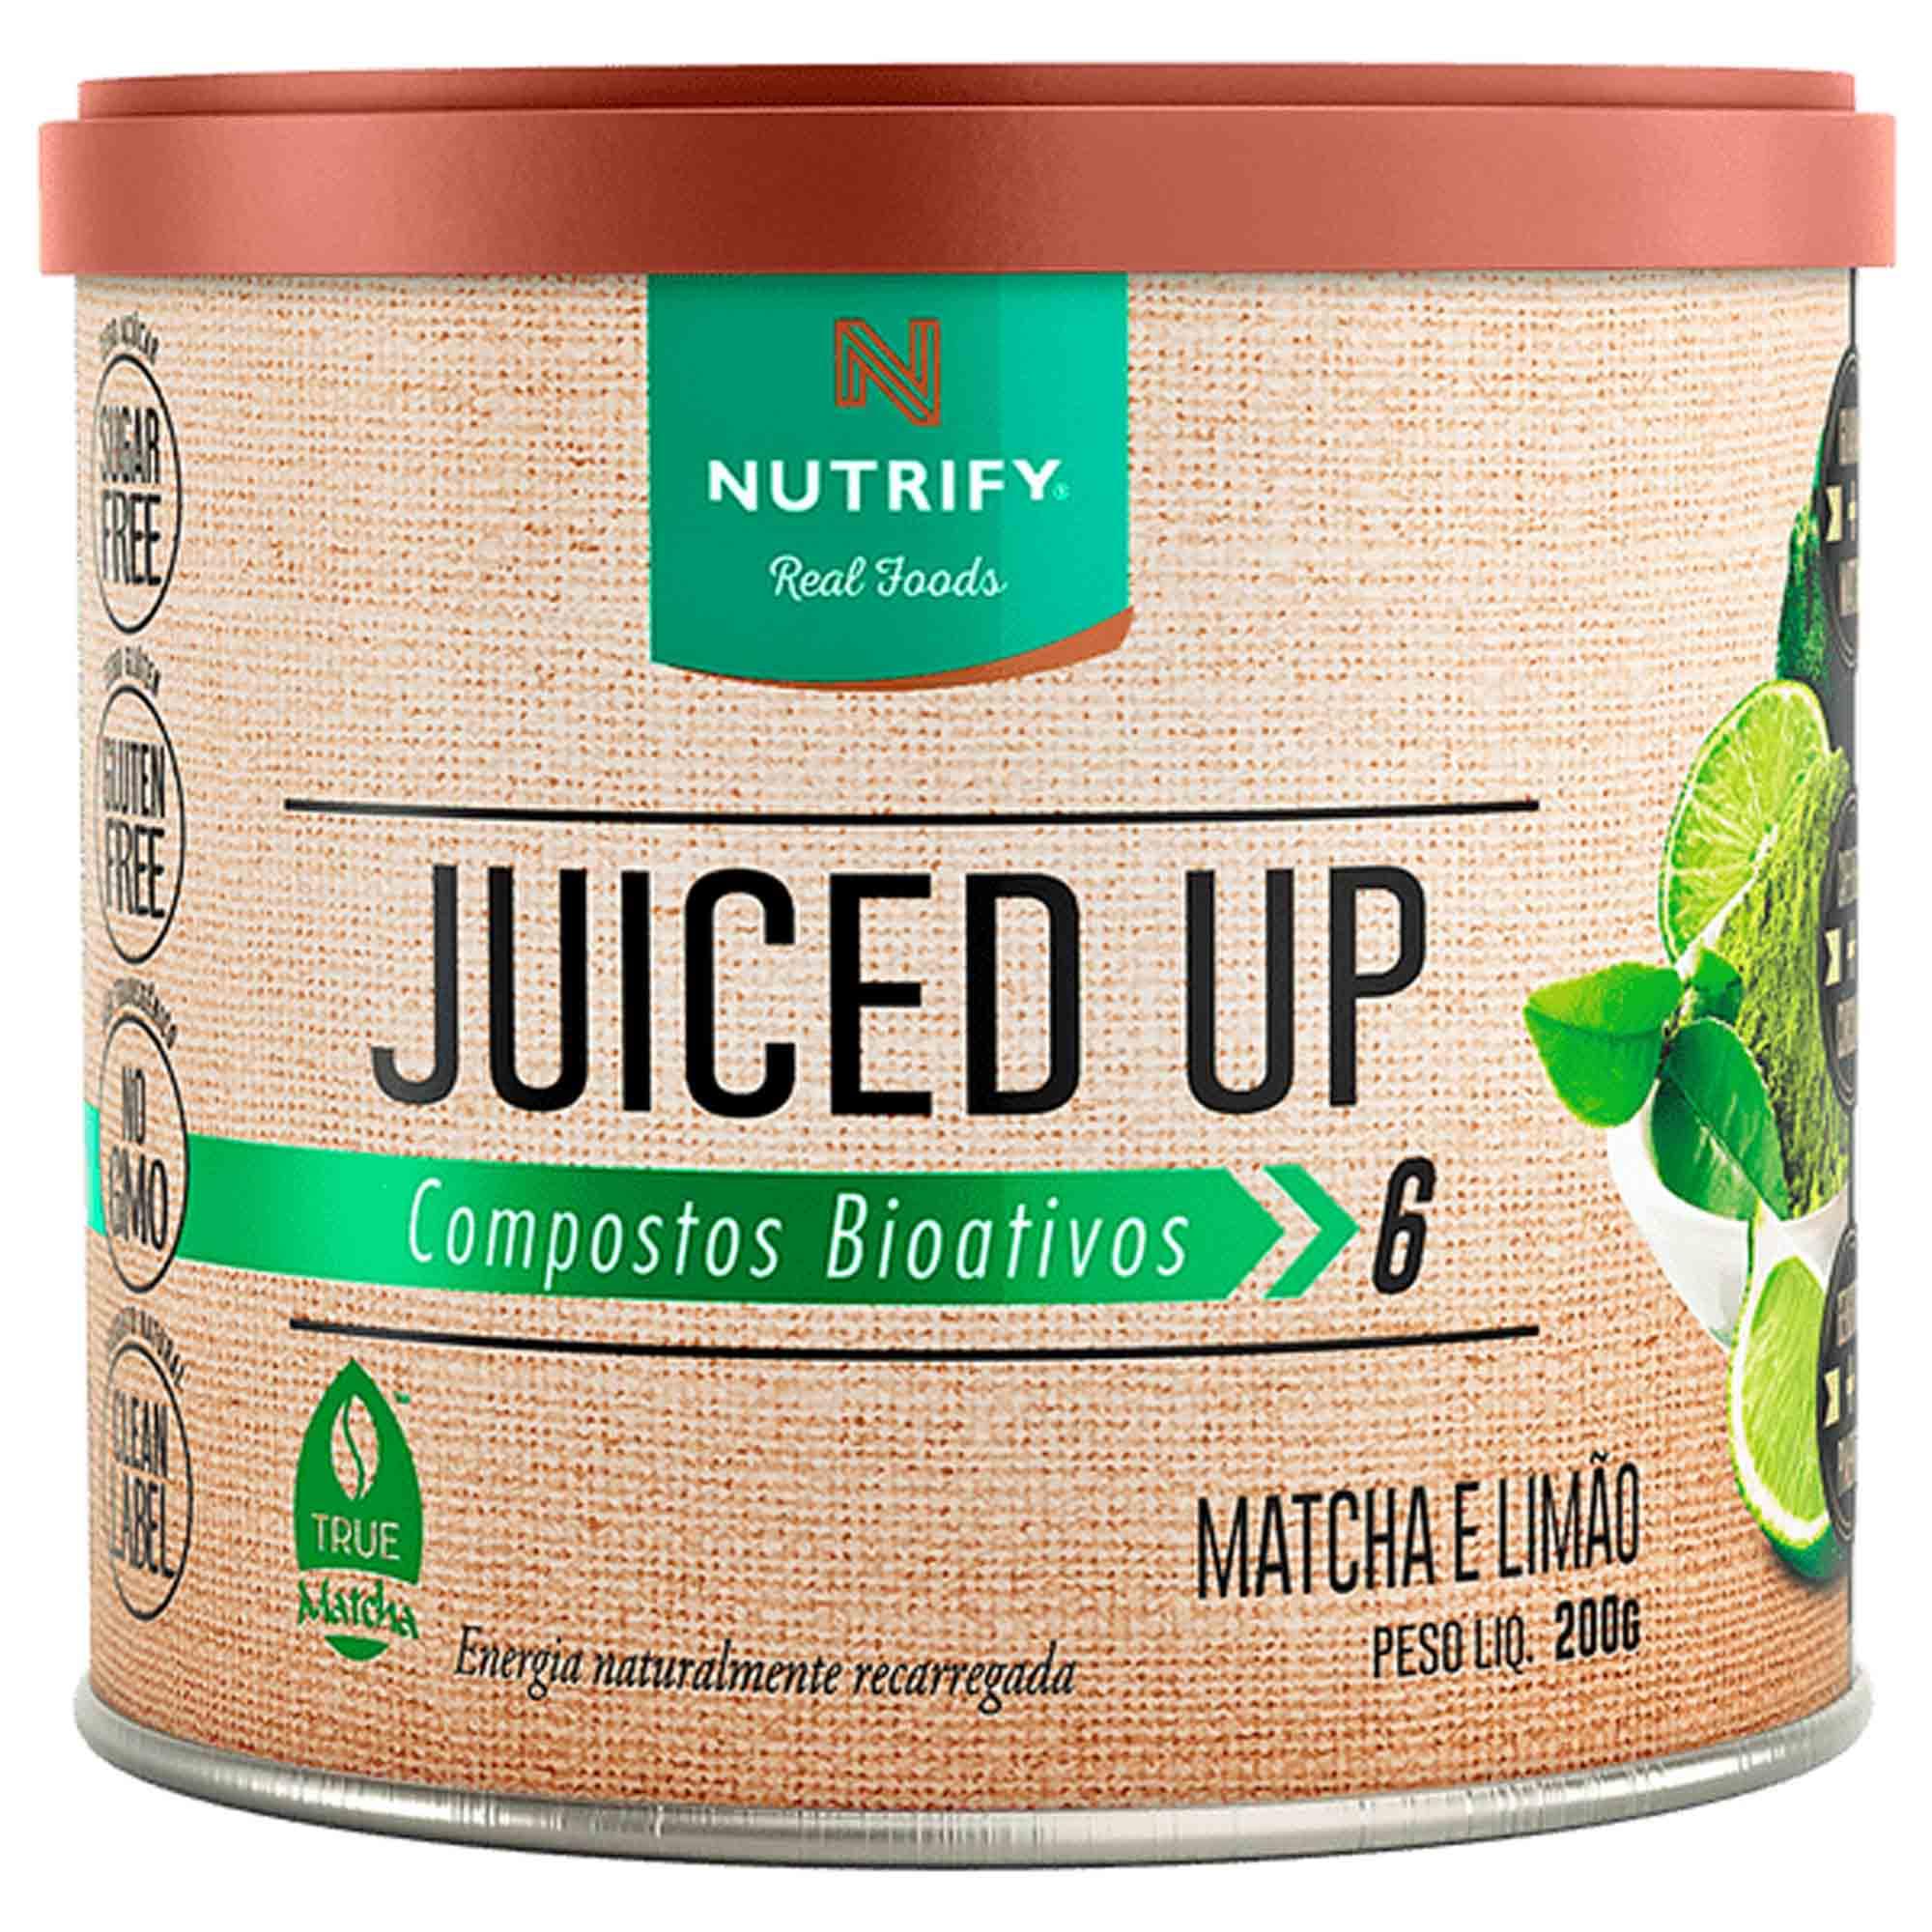 Juiced Up Matcha Limão 200g Nutrify